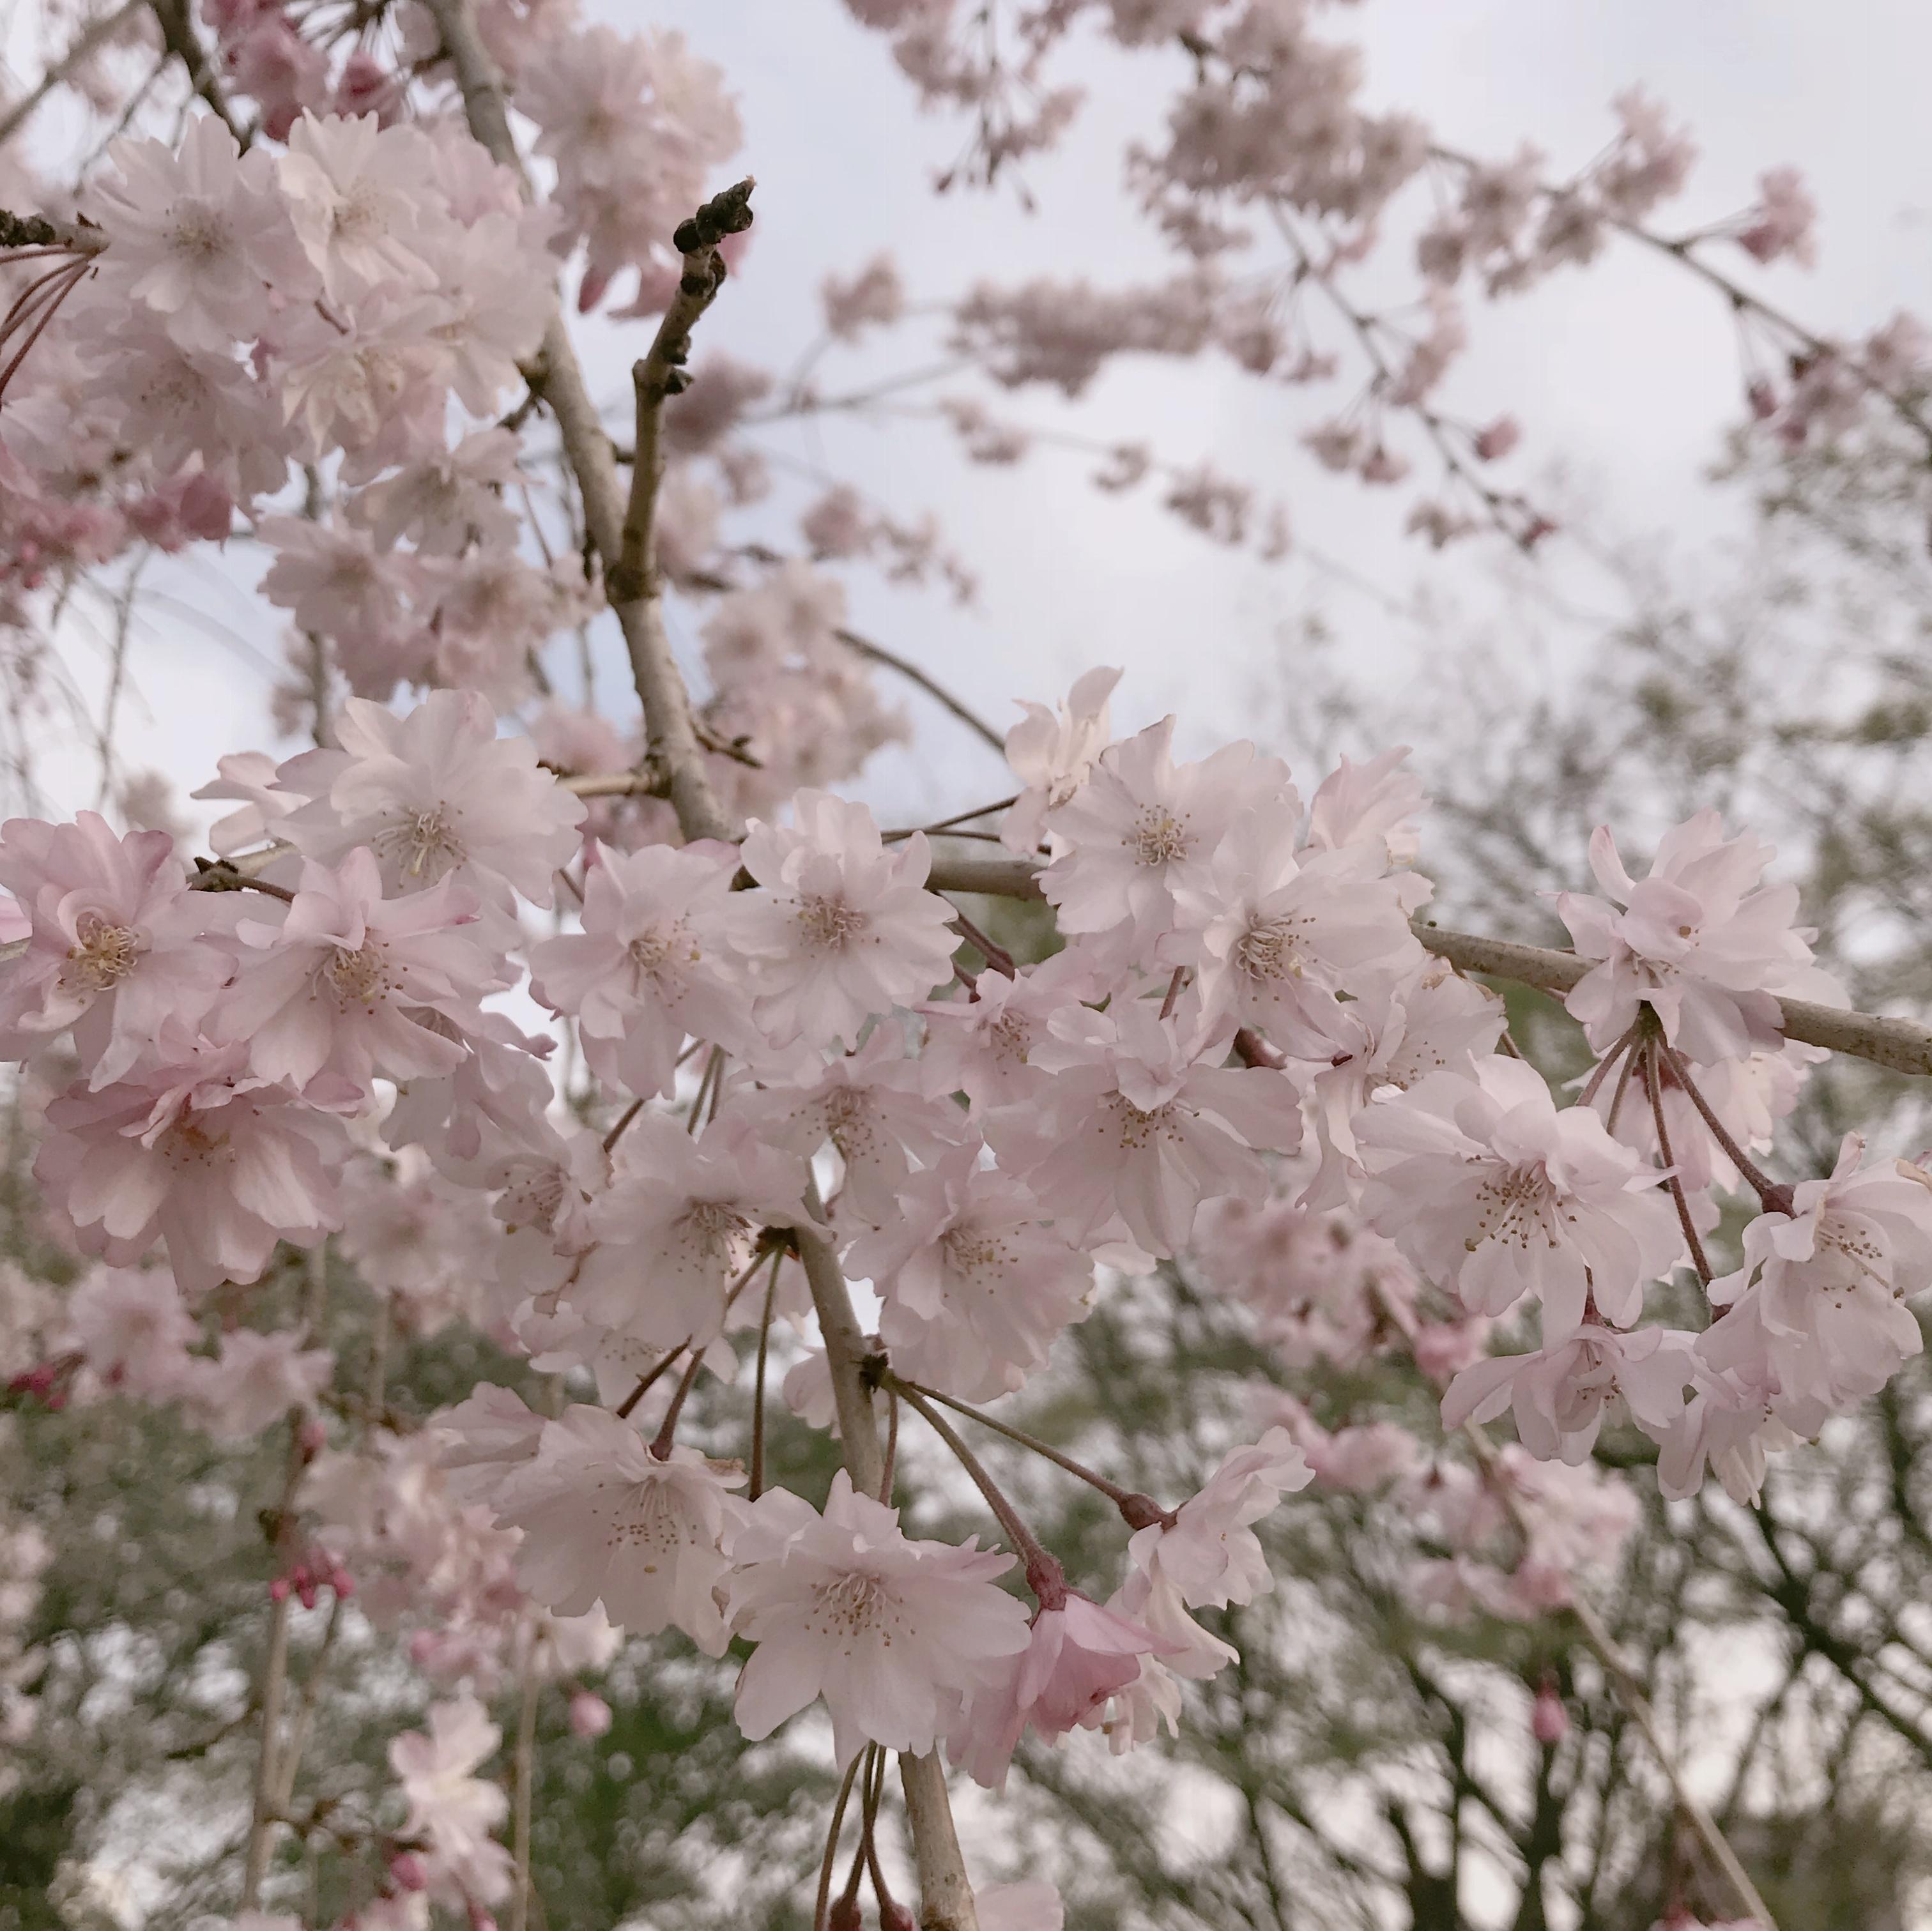 桜の下でピクニック❤︎簡単におしゃれでかわいい【おしゃピク】できます!_1